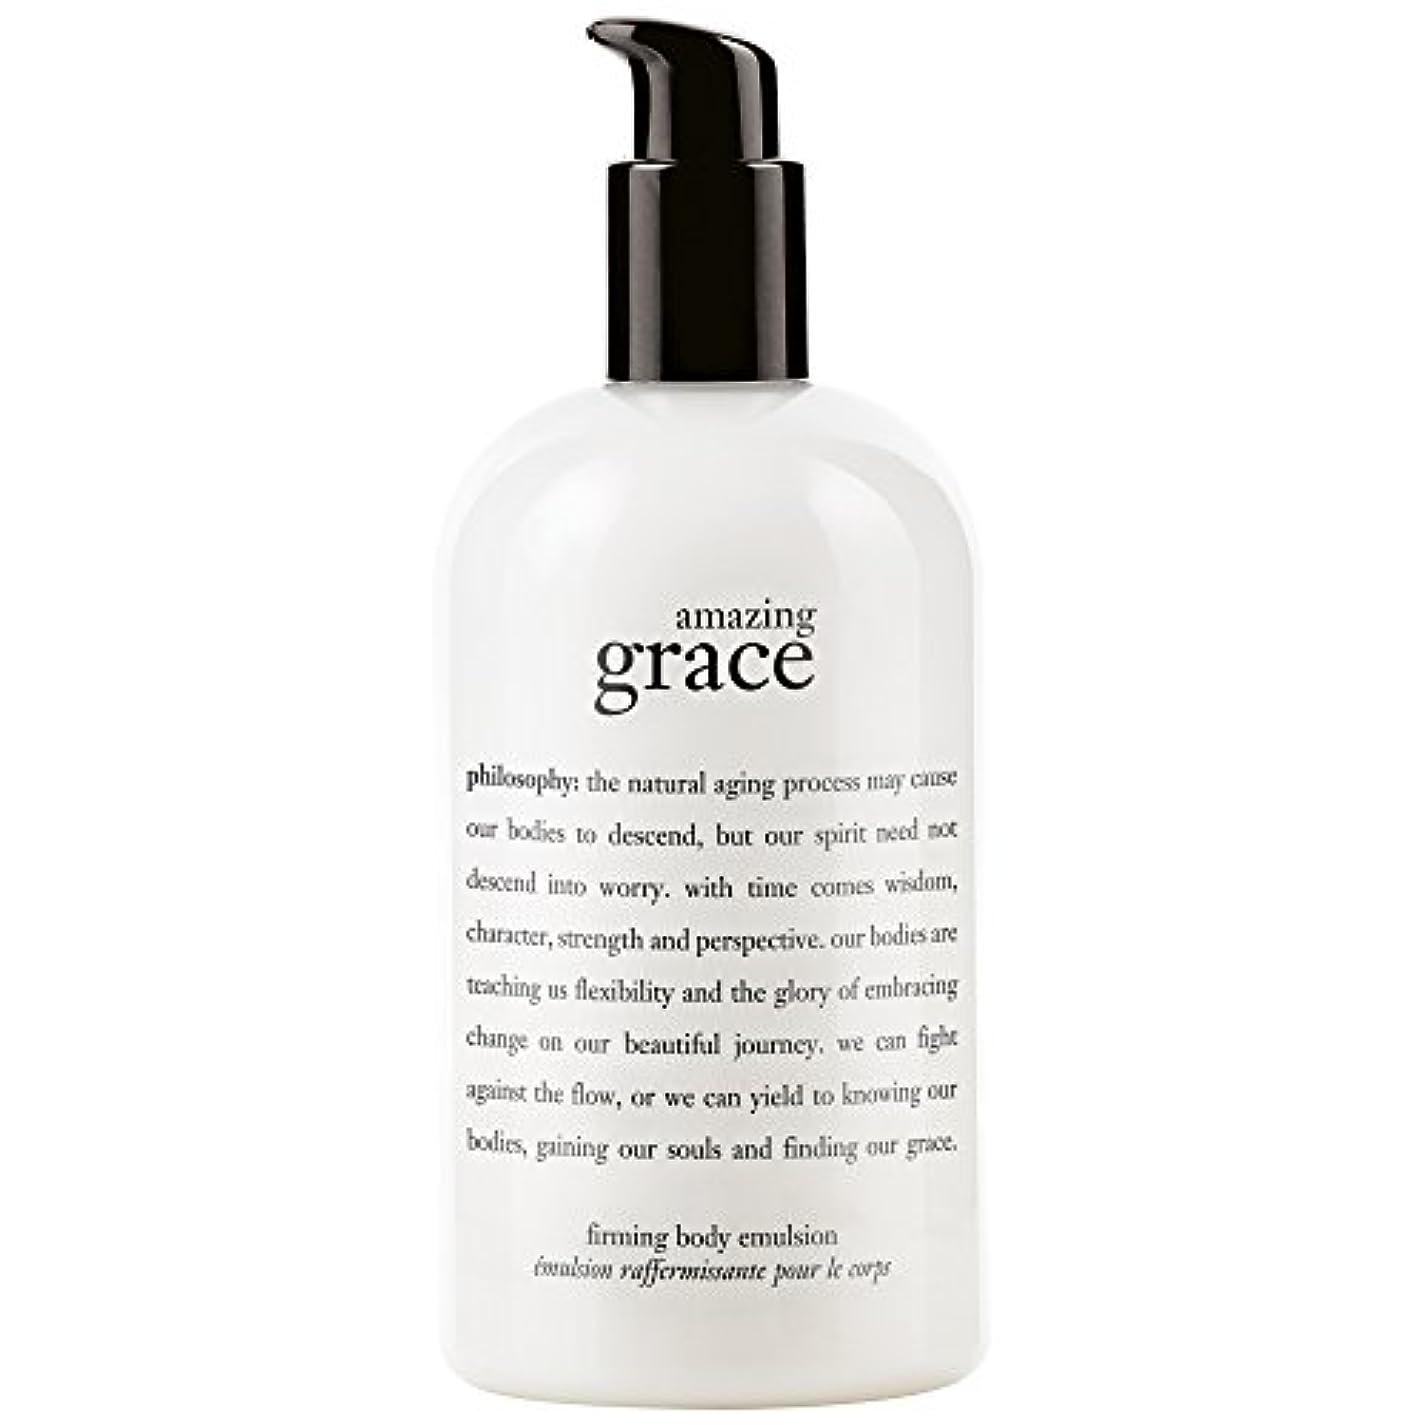 不正確怠感悪夢哲学驚くべき恵み引き締めボディエマルジョン480ミリリットル (Philosophy) - Philosophy Amazing Grace Firming Body Emulsion 480ml [並行輸入品]